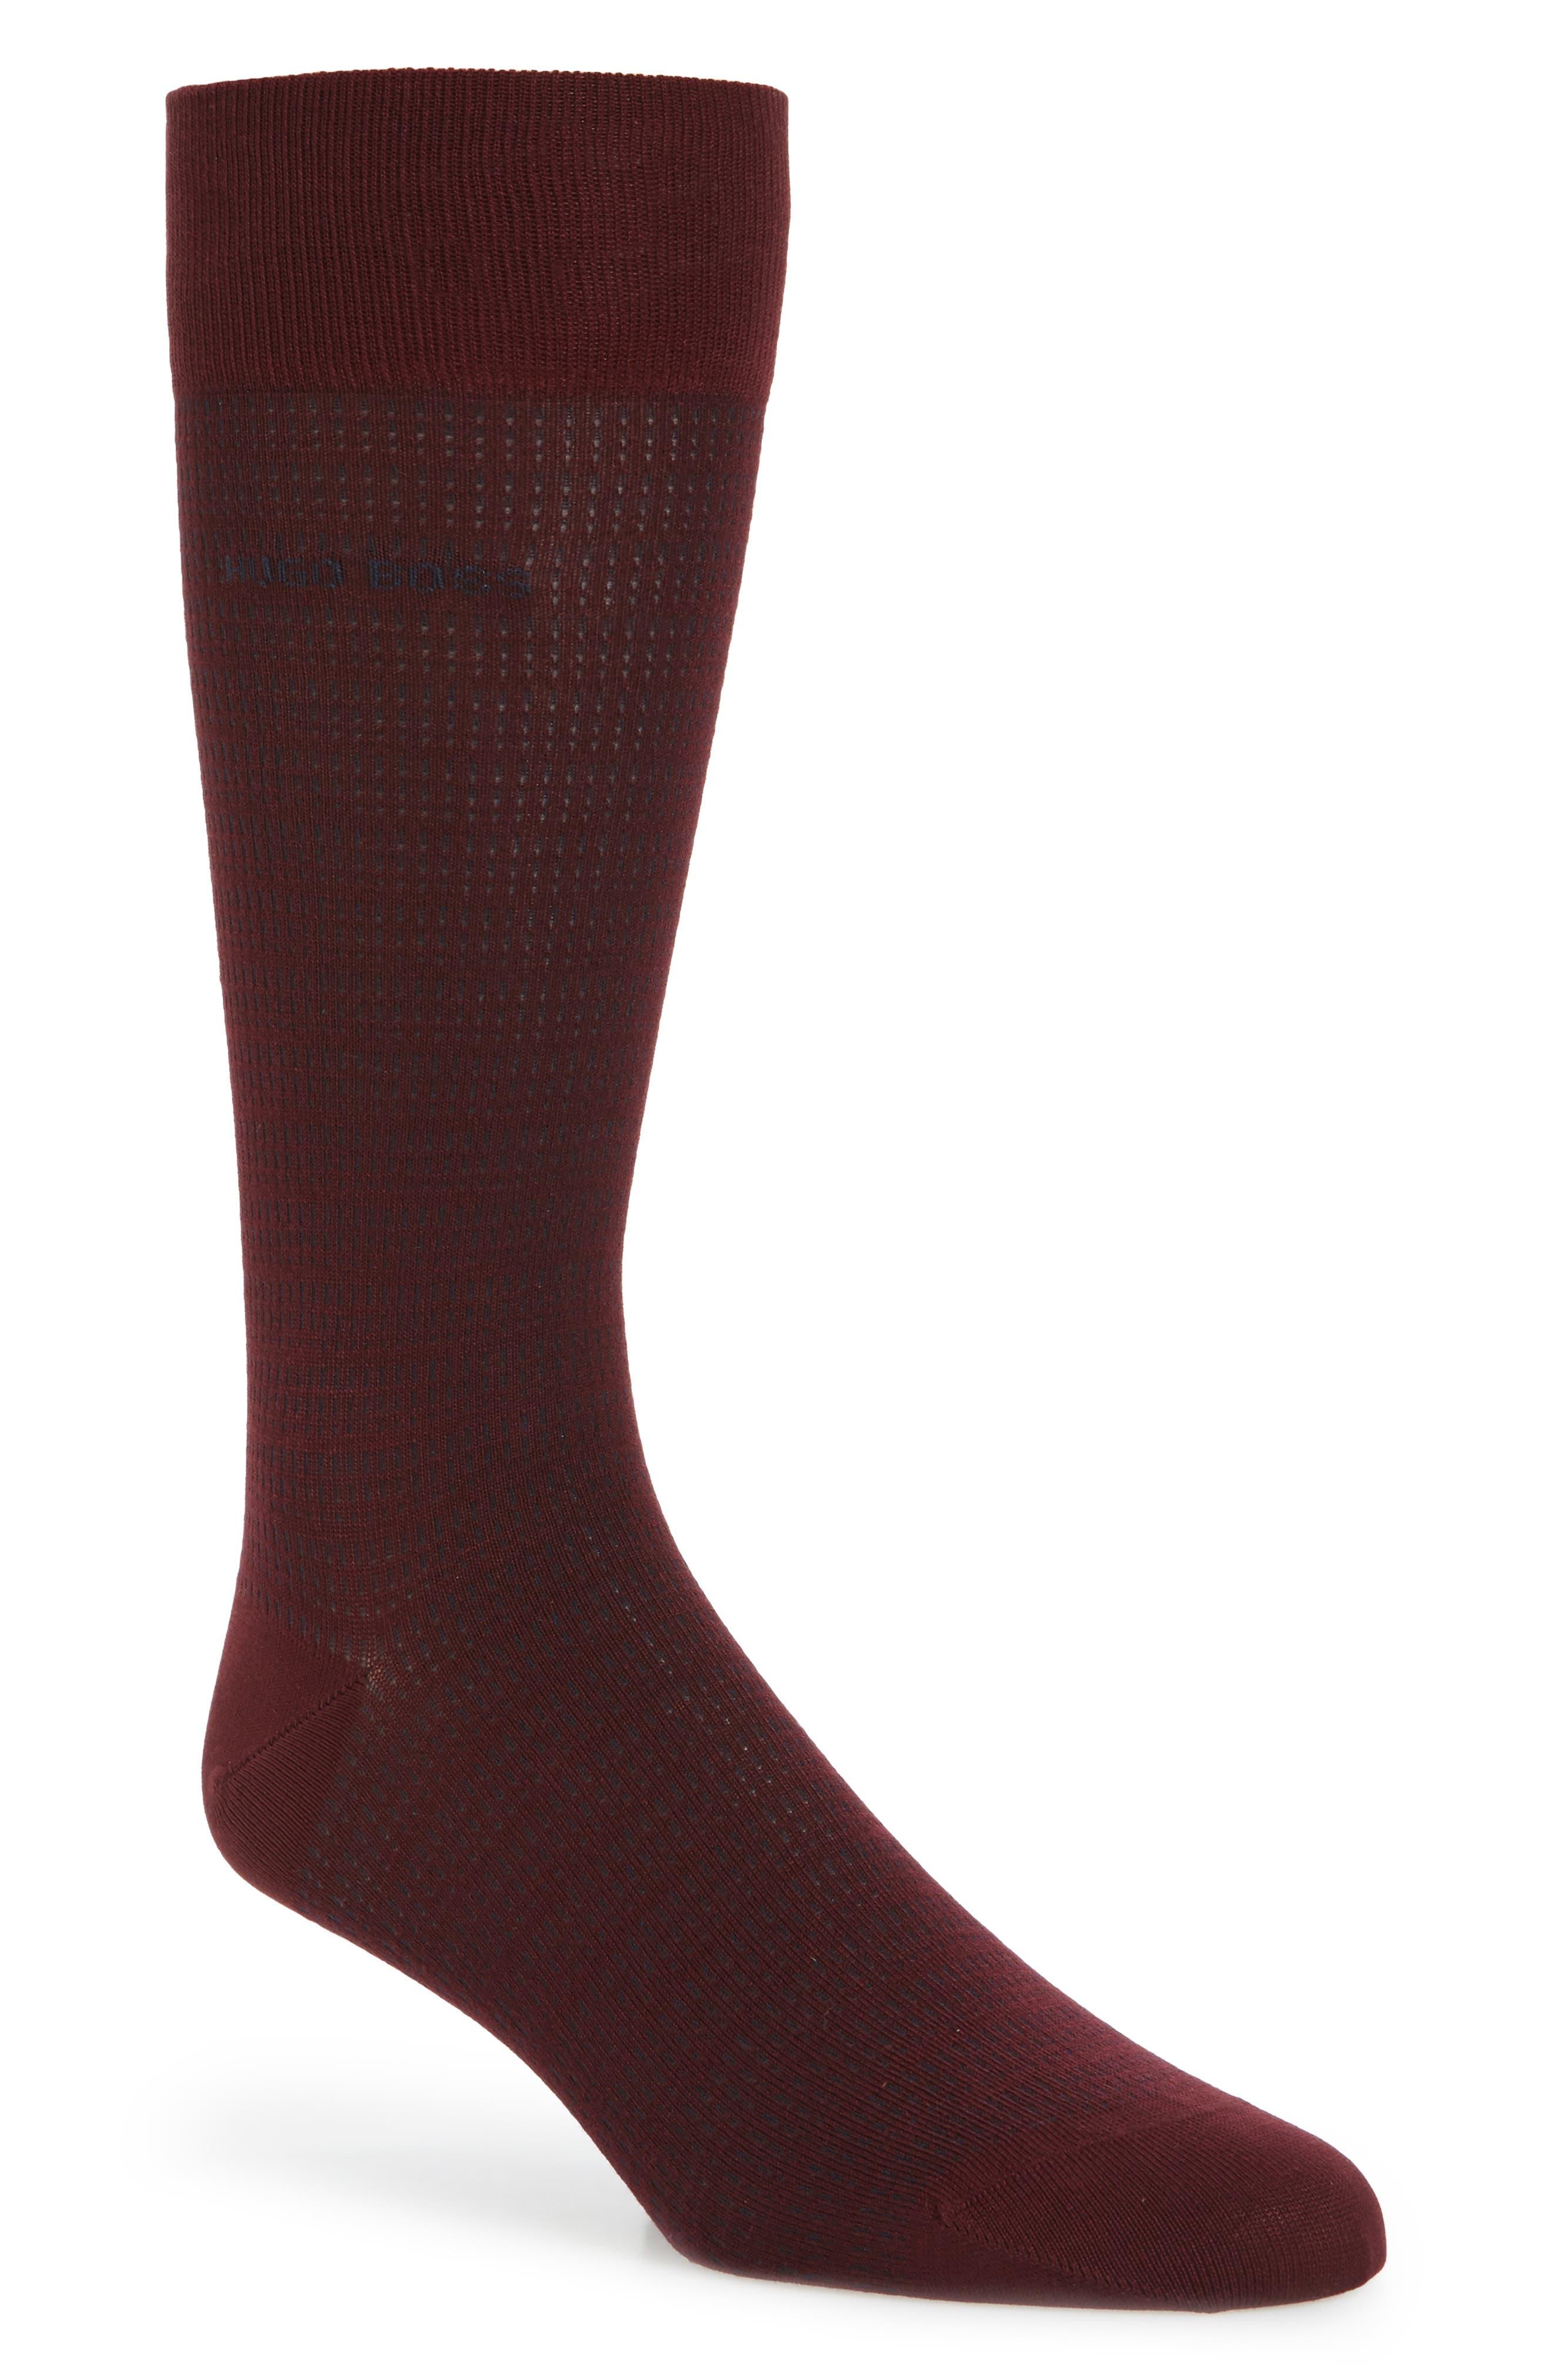 Main Image - BOSS Micro Jacquard Socks